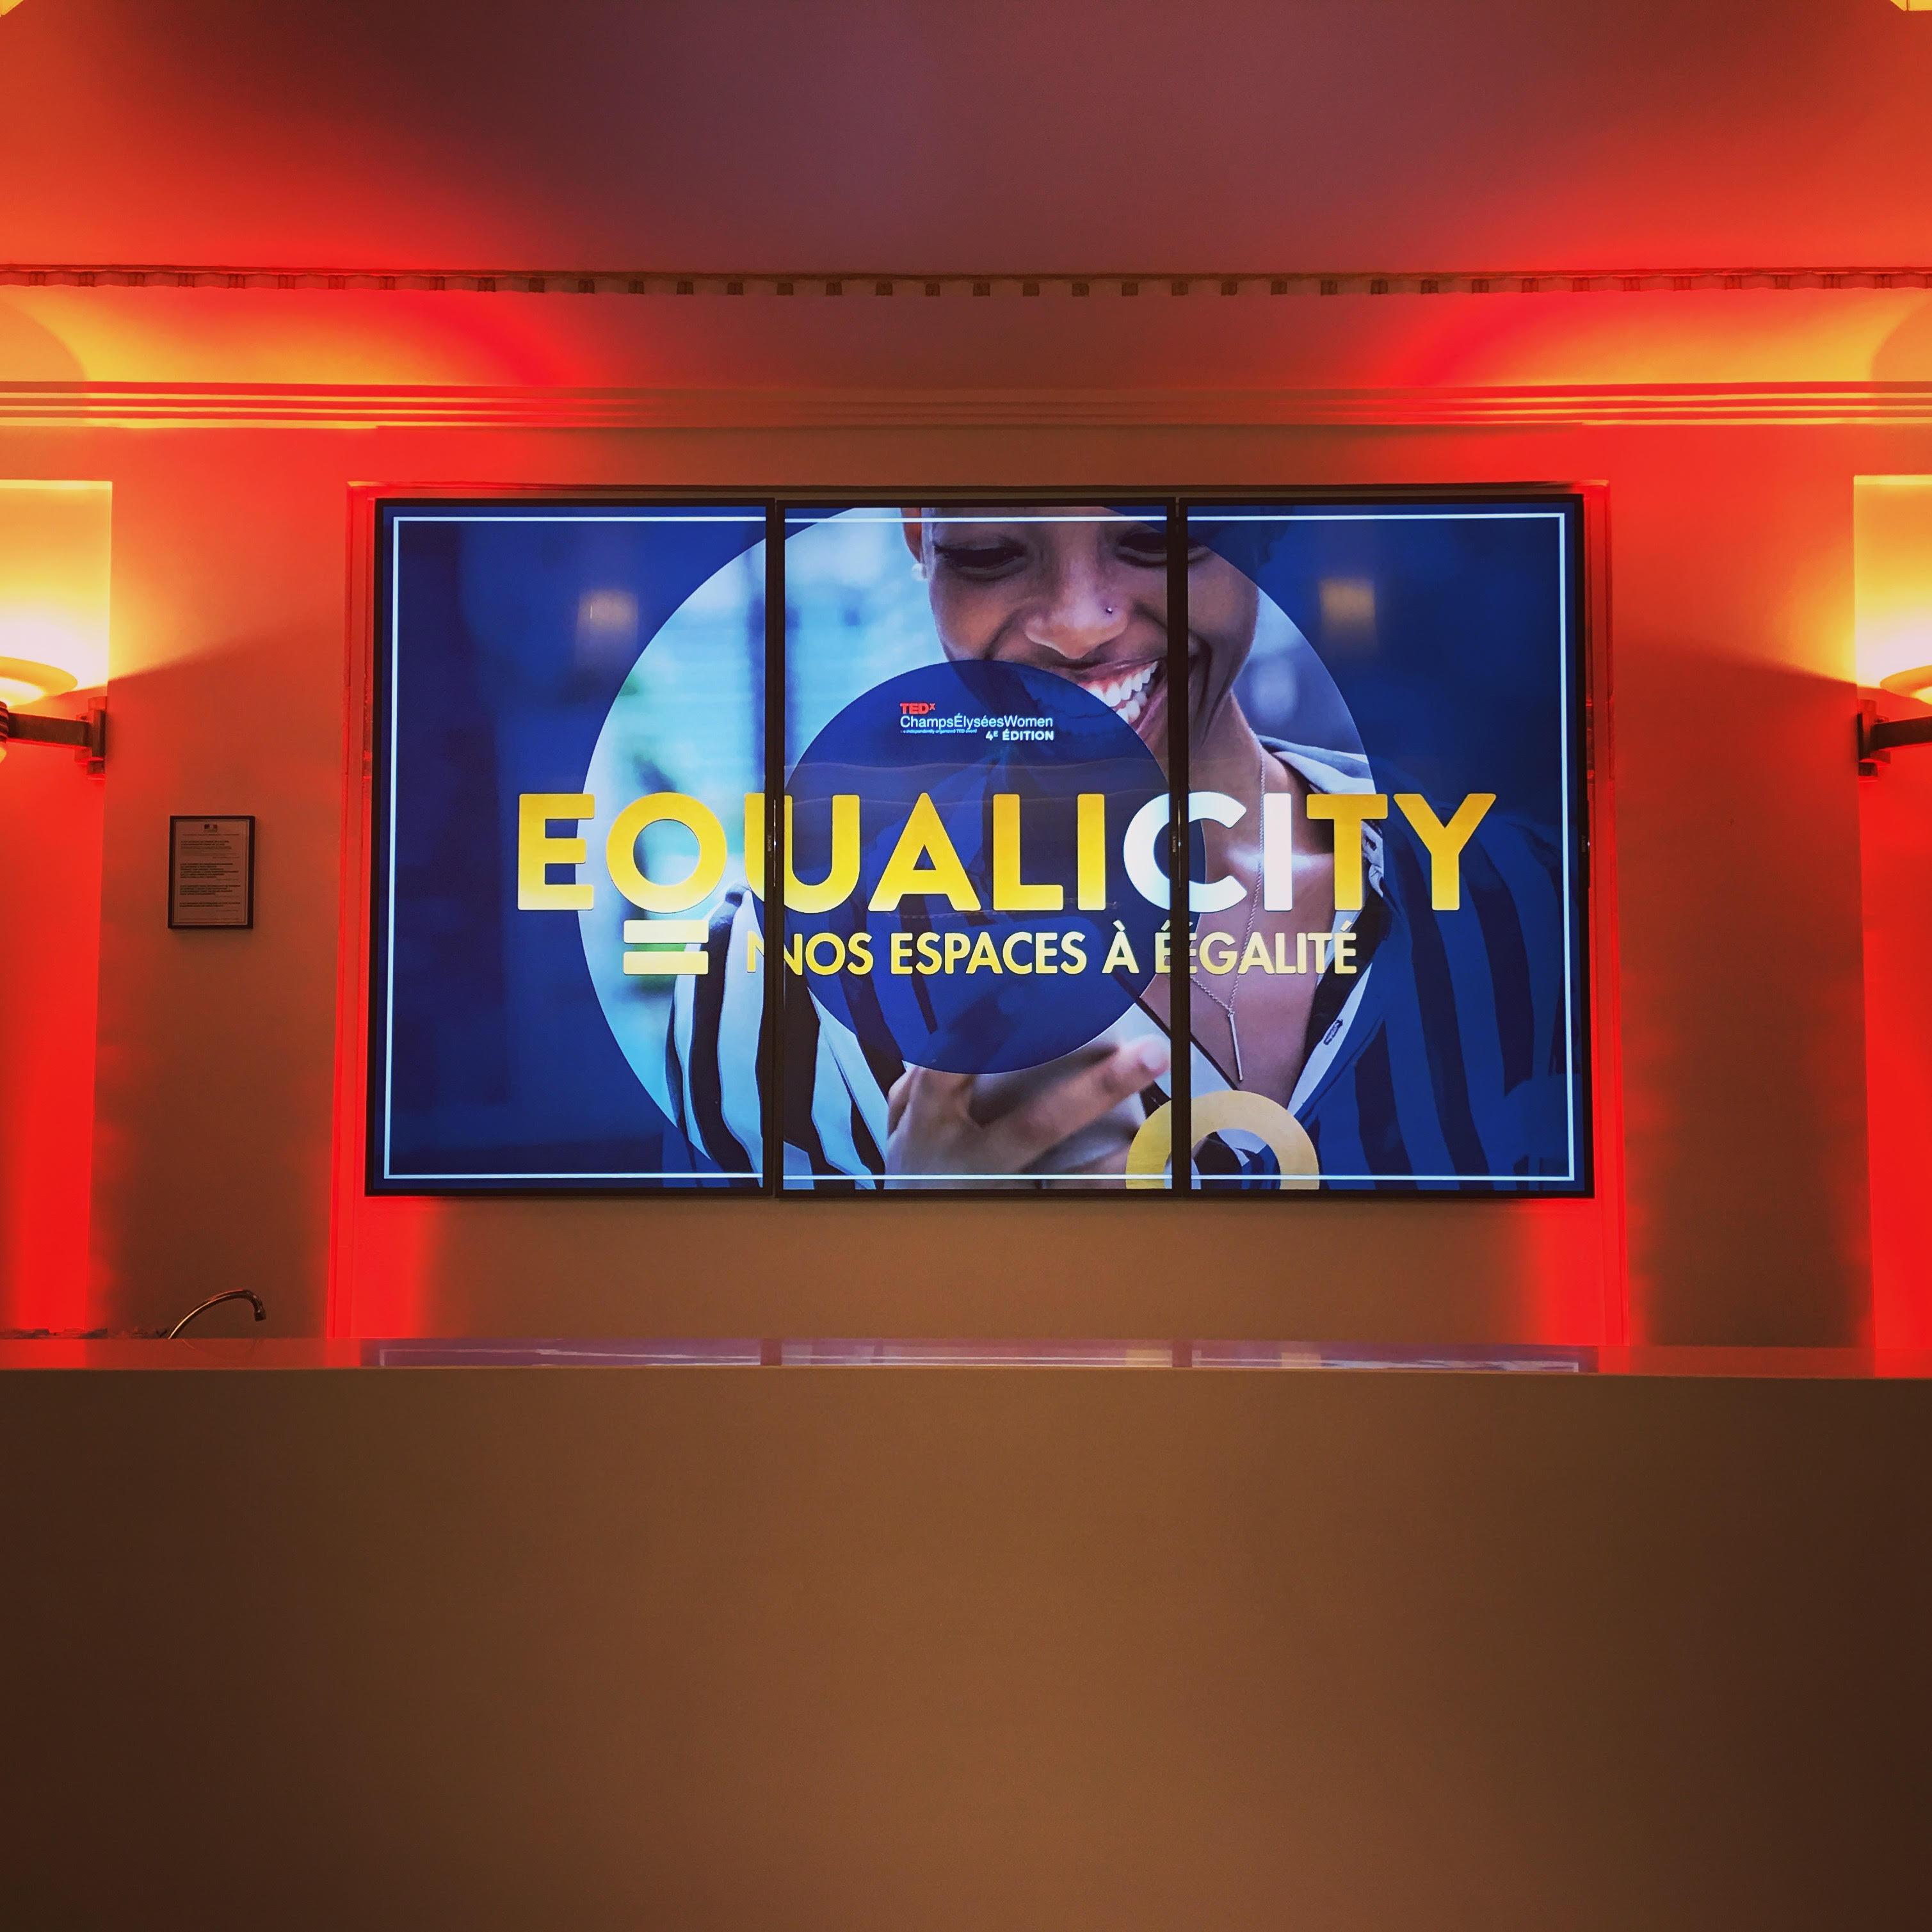 EQUALIciTY 3 novembre 2017